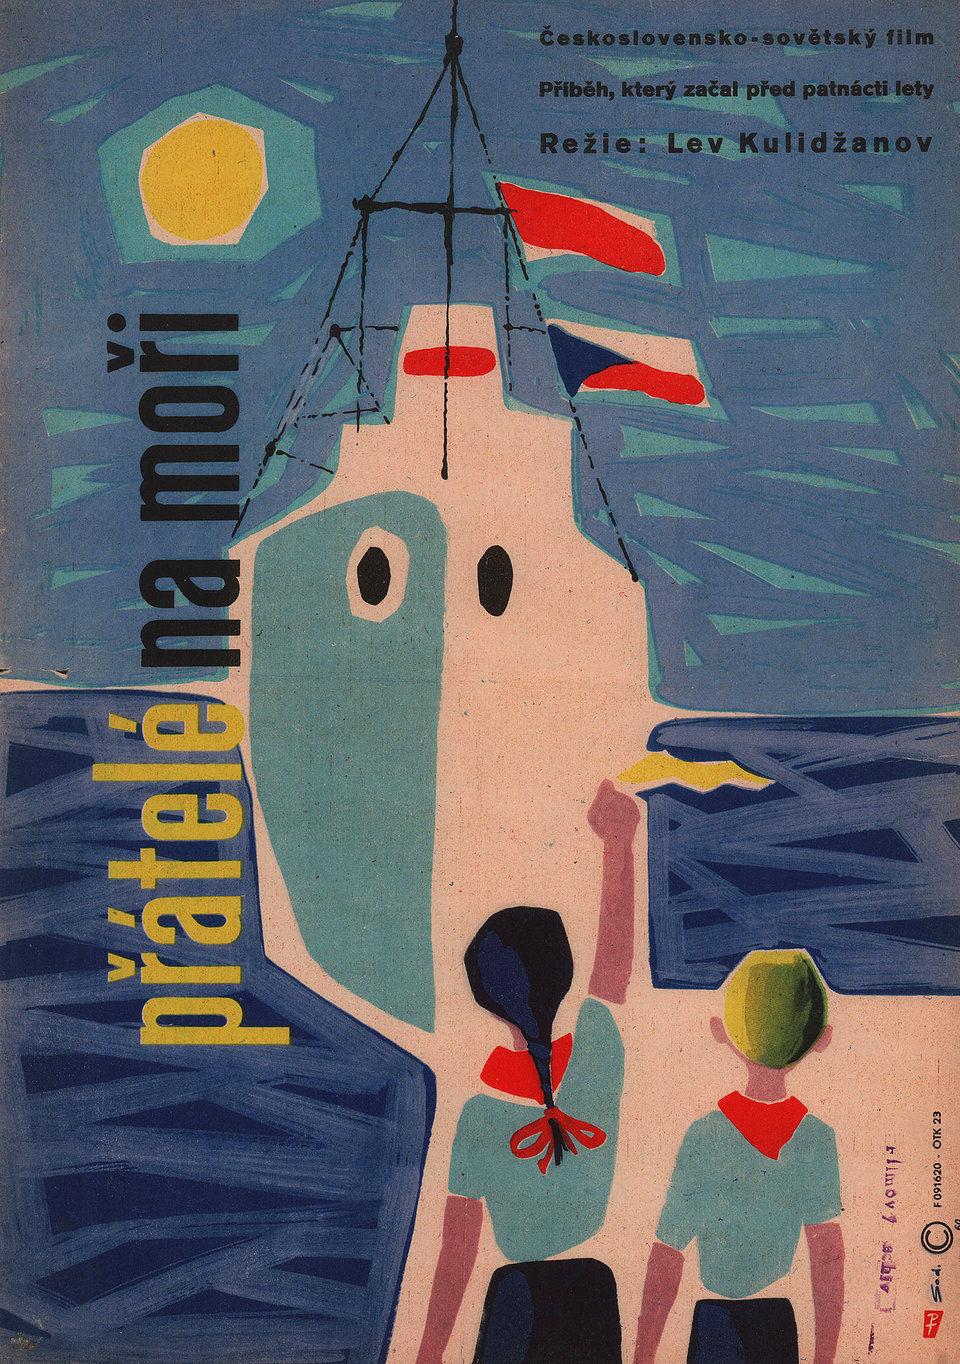 pratele-na-mori-1960-original-czech-republic-movie-poster